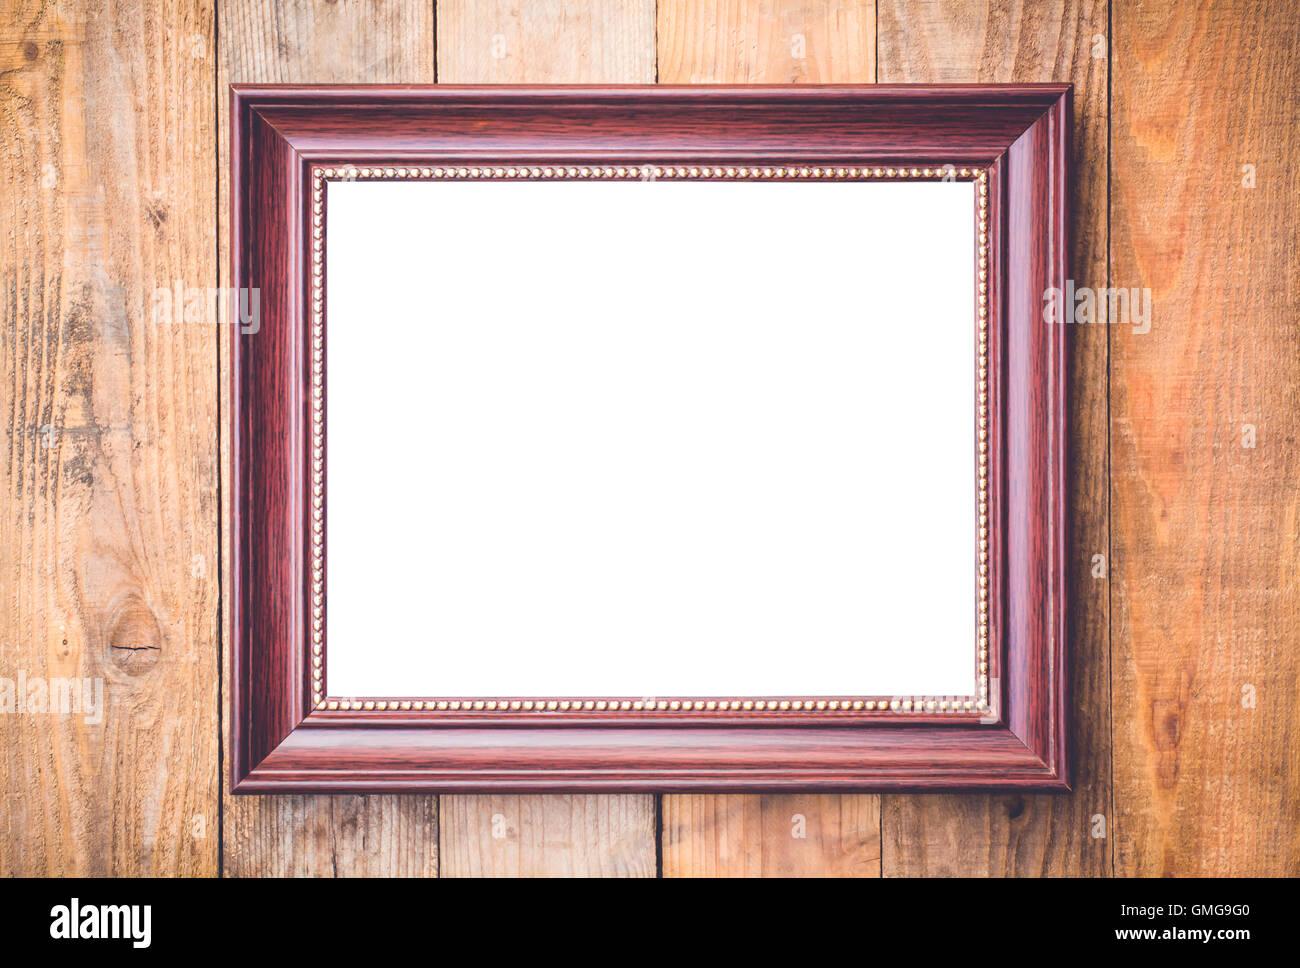 Timber Frame Panel Stock Photos & Timber Frame Panel Stock Images ...